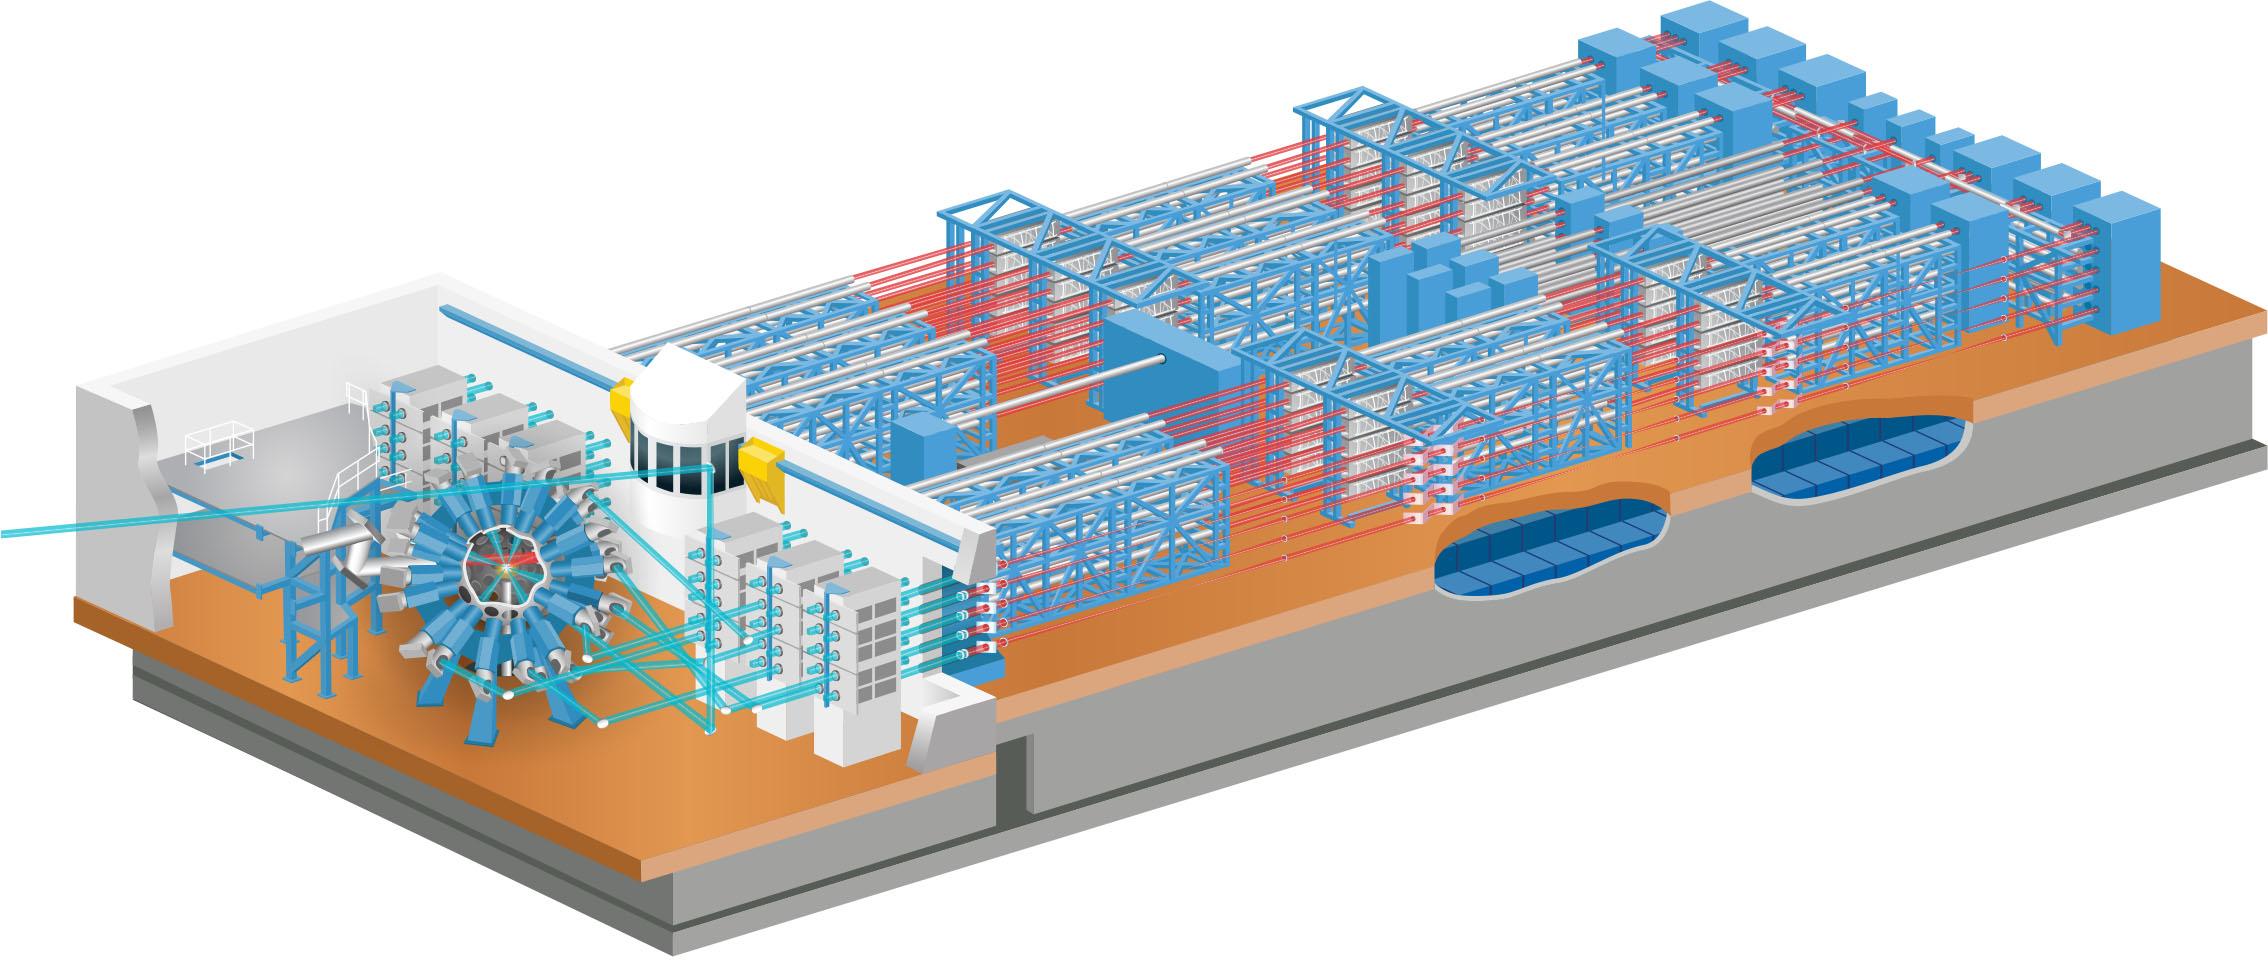 OMEGA Laser System illustration